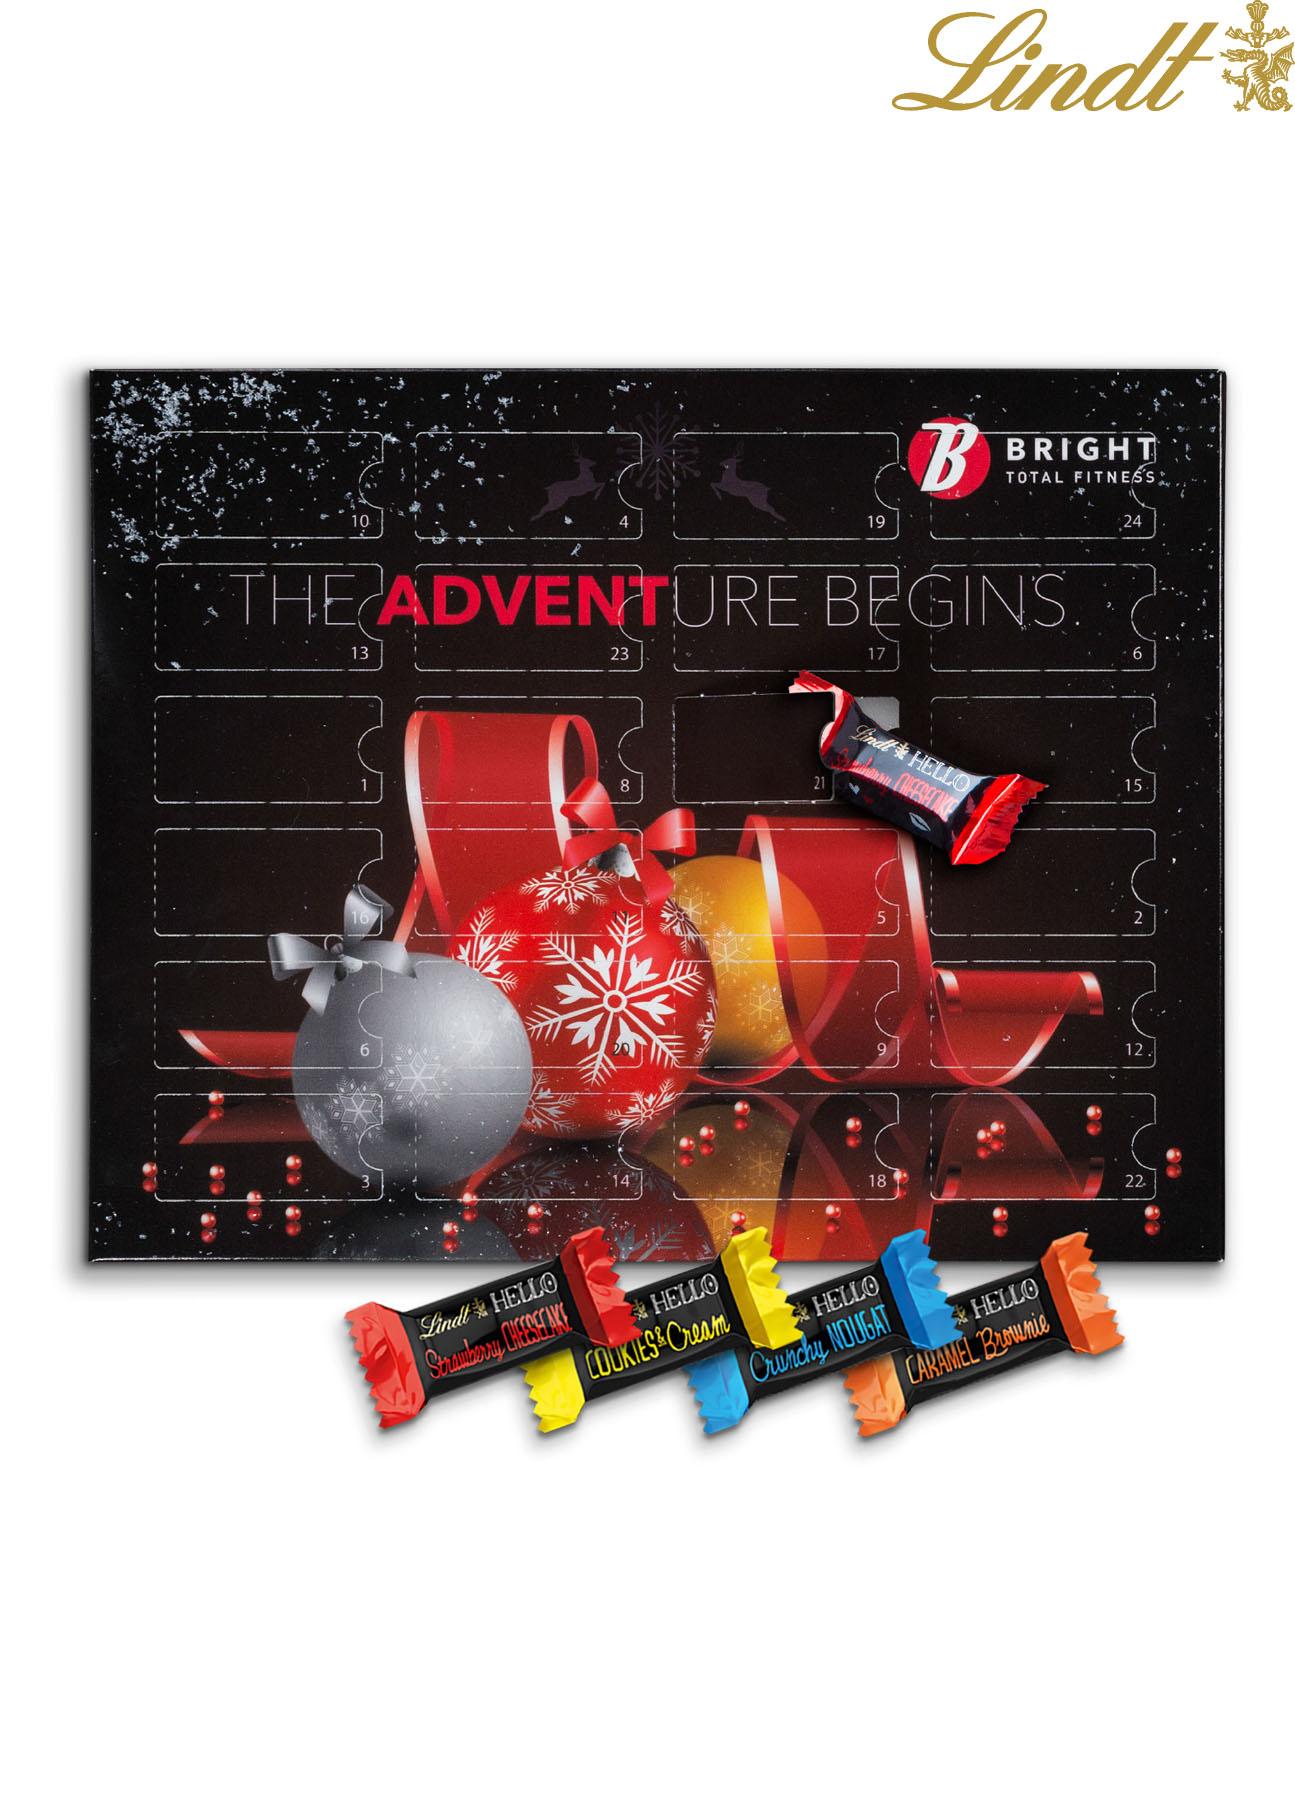 Lindor Weihnachtskalender.Lindt Adventskalender Hello Mini Merkur Werbemittel